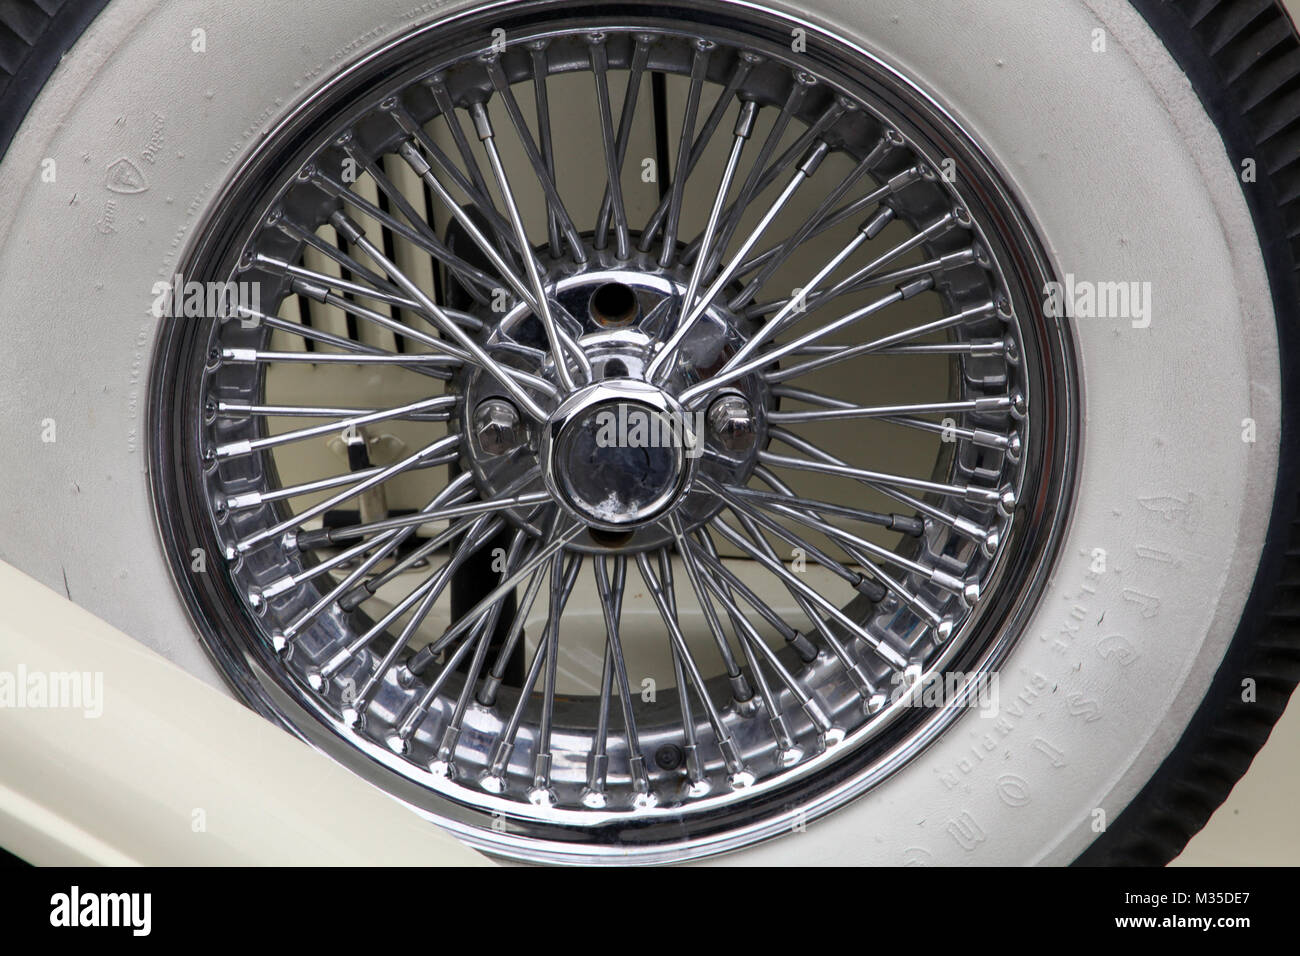 Vista ravvicinata di una parete bianca pneumatico con ruote a raggi in acciaio filo volante Immagini Stock